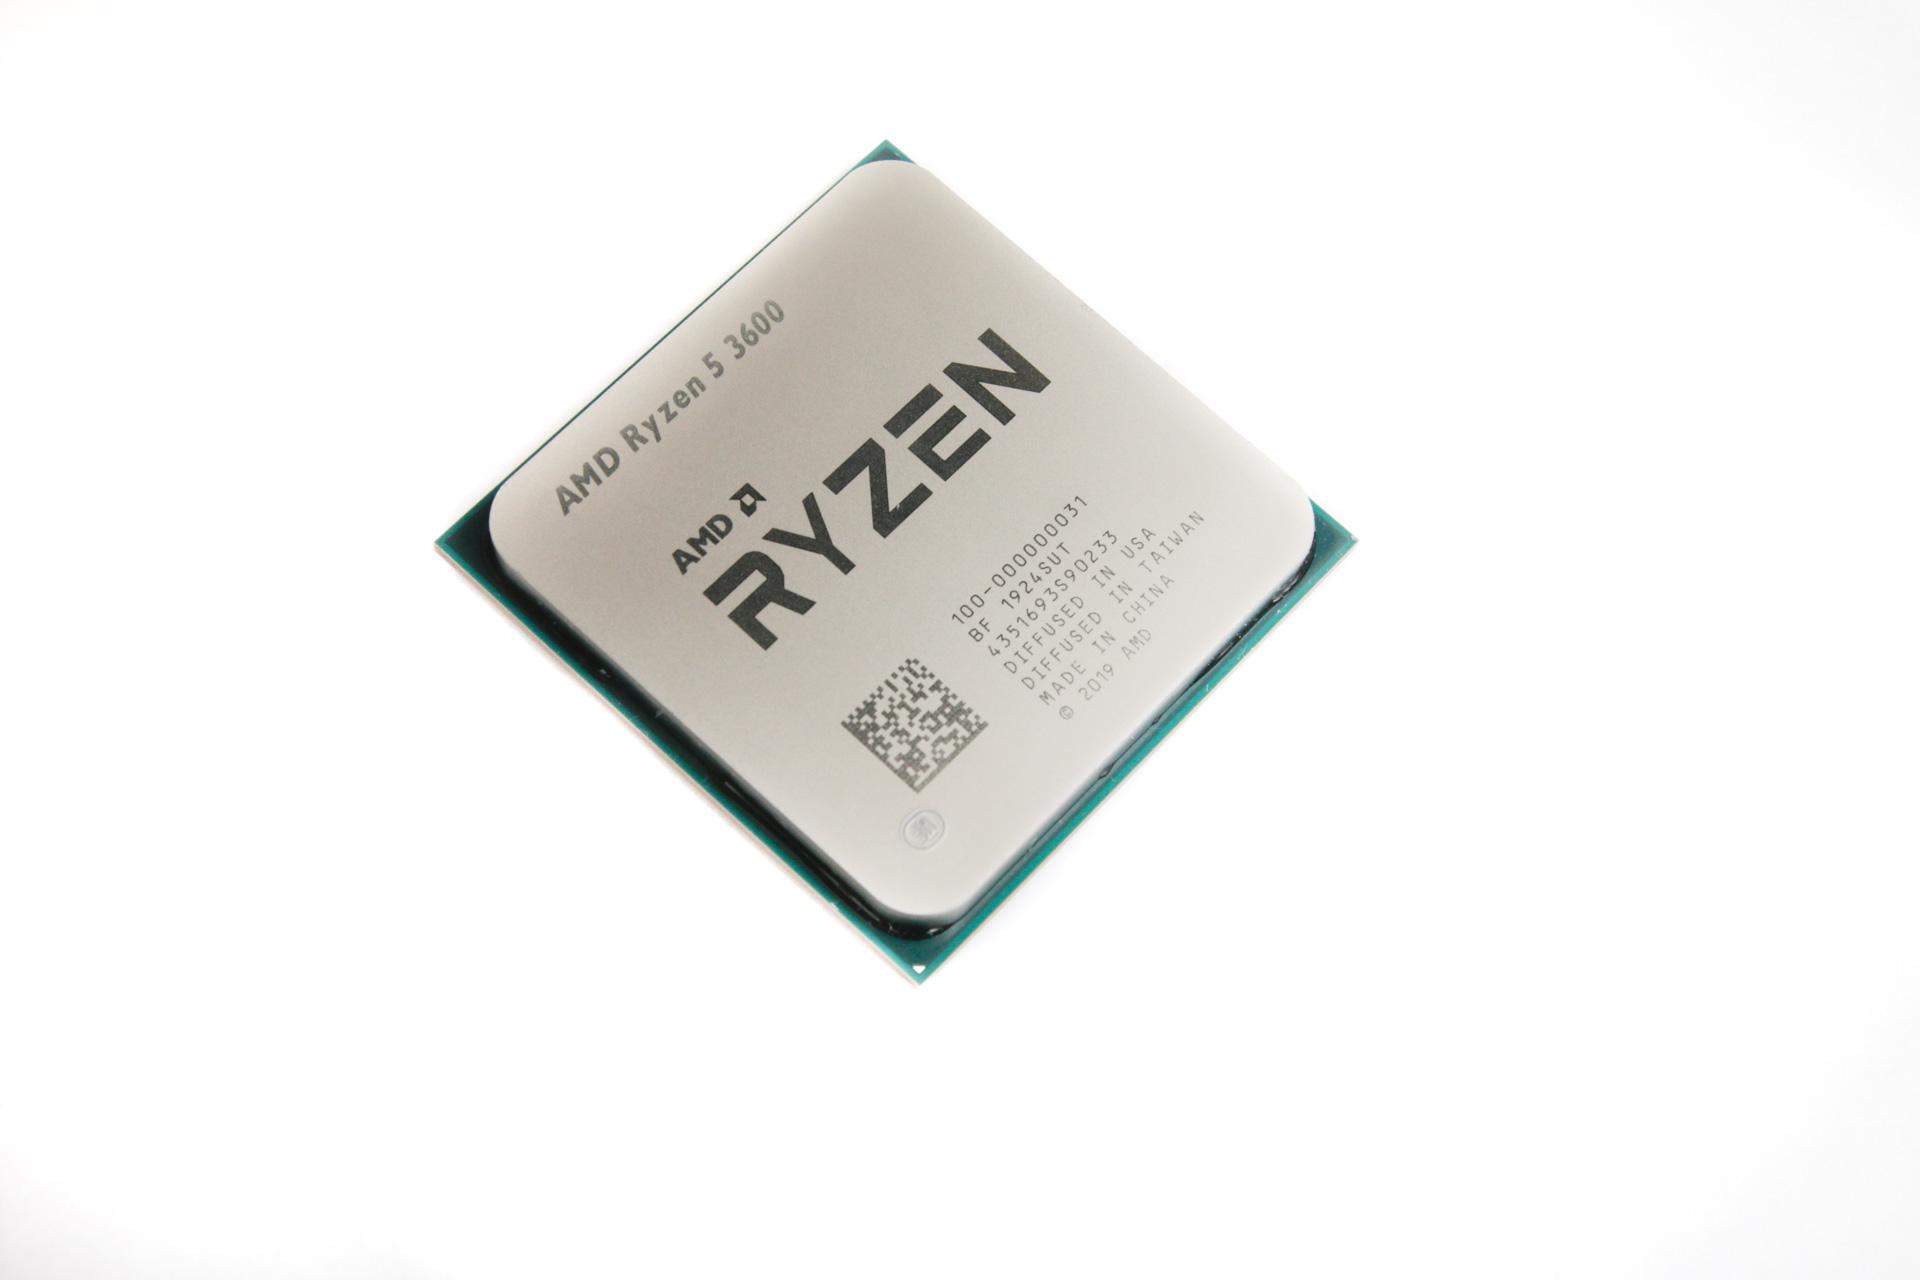 Amd Ryzen 5 3600 Review Bit Tech Net